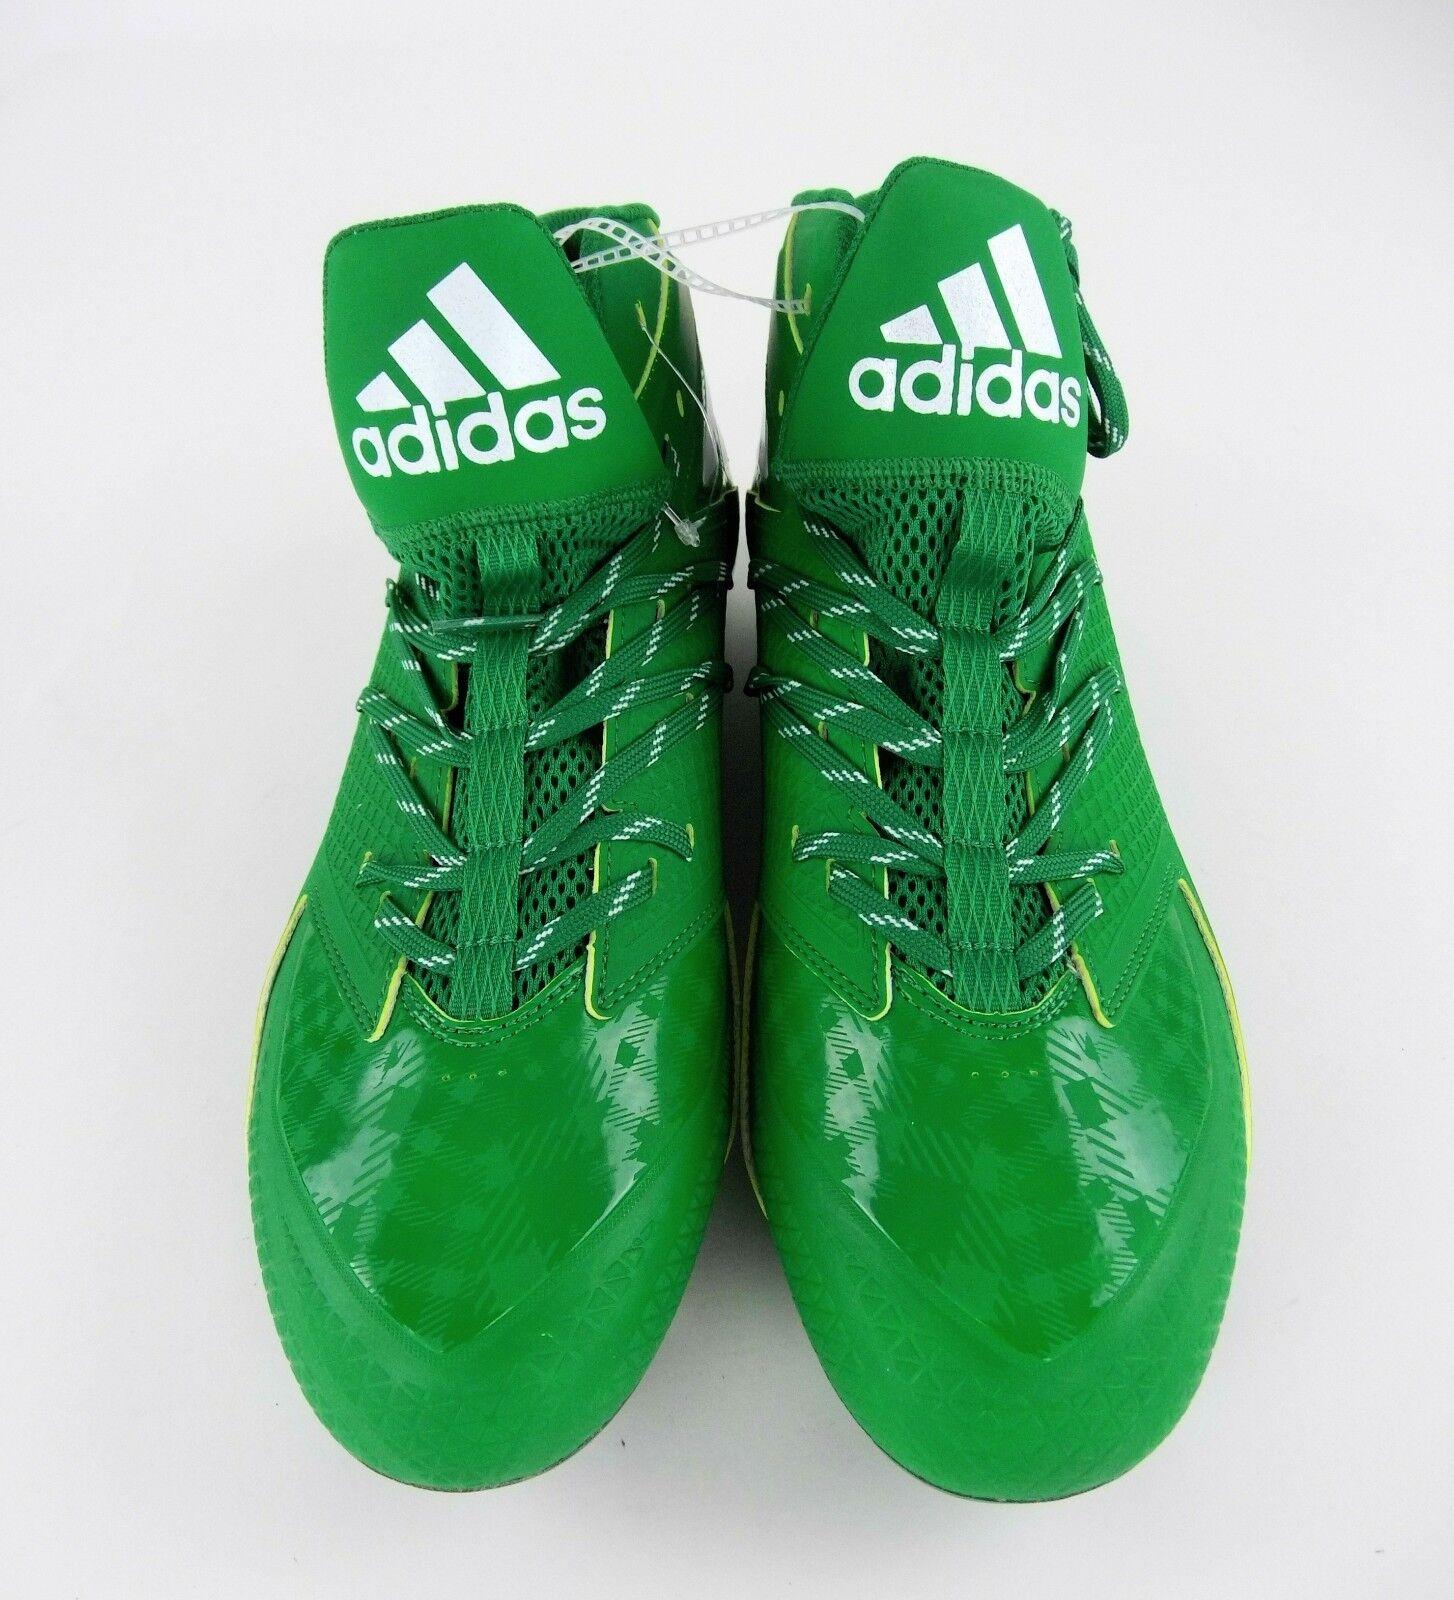 neue adidas - mens größe stollen 13 grüne fußball - stollen größe ede785